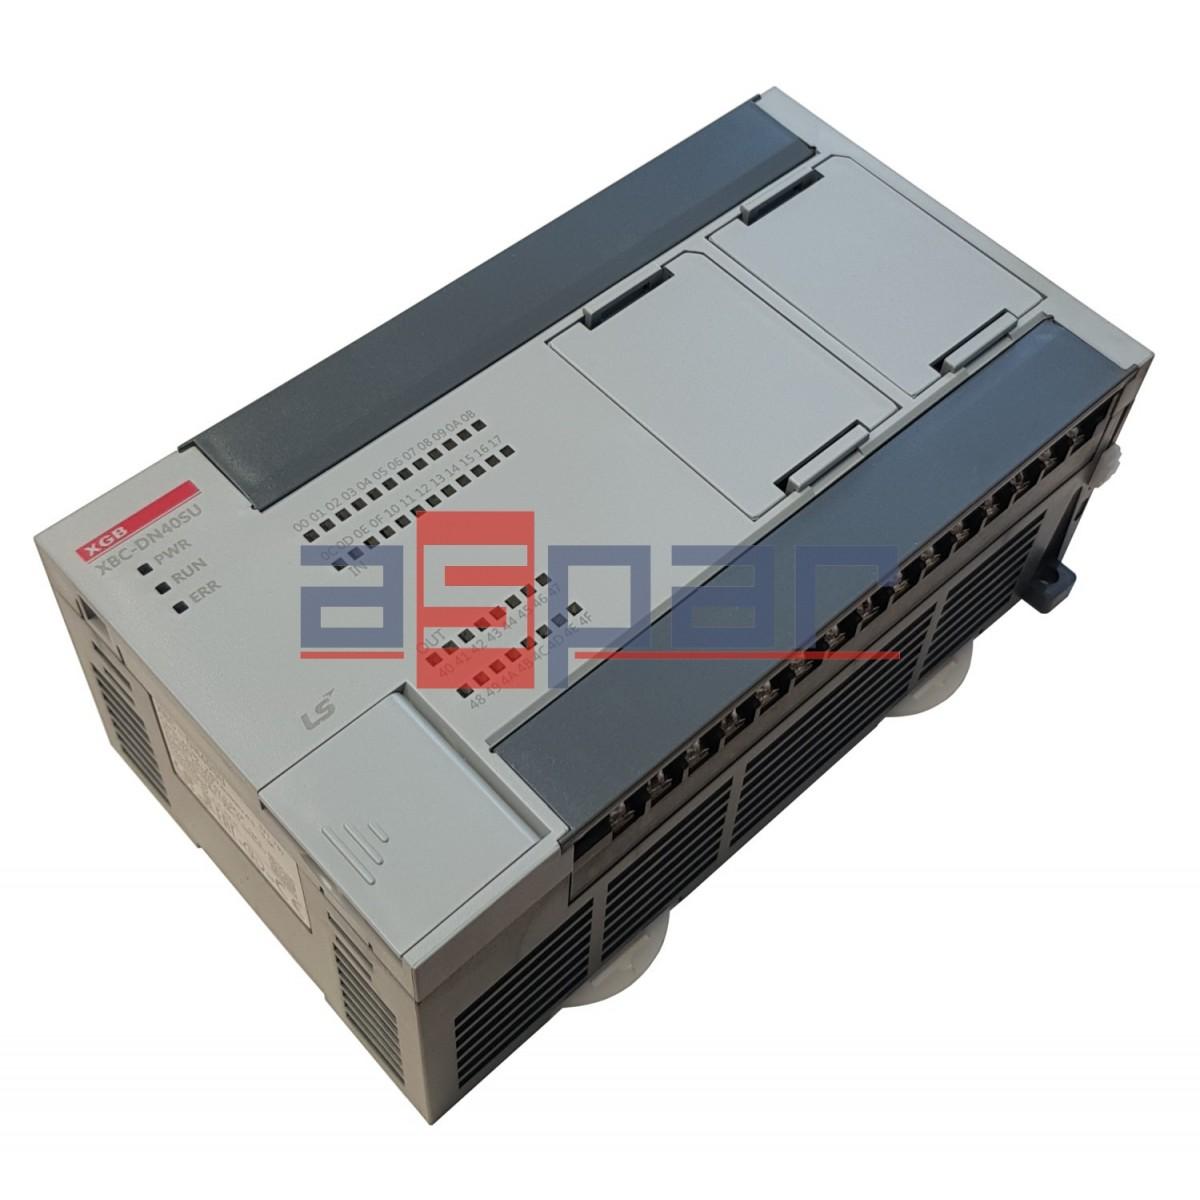 XBC-DN40SU - CPU 24 I/16 O transistor (Sink type)